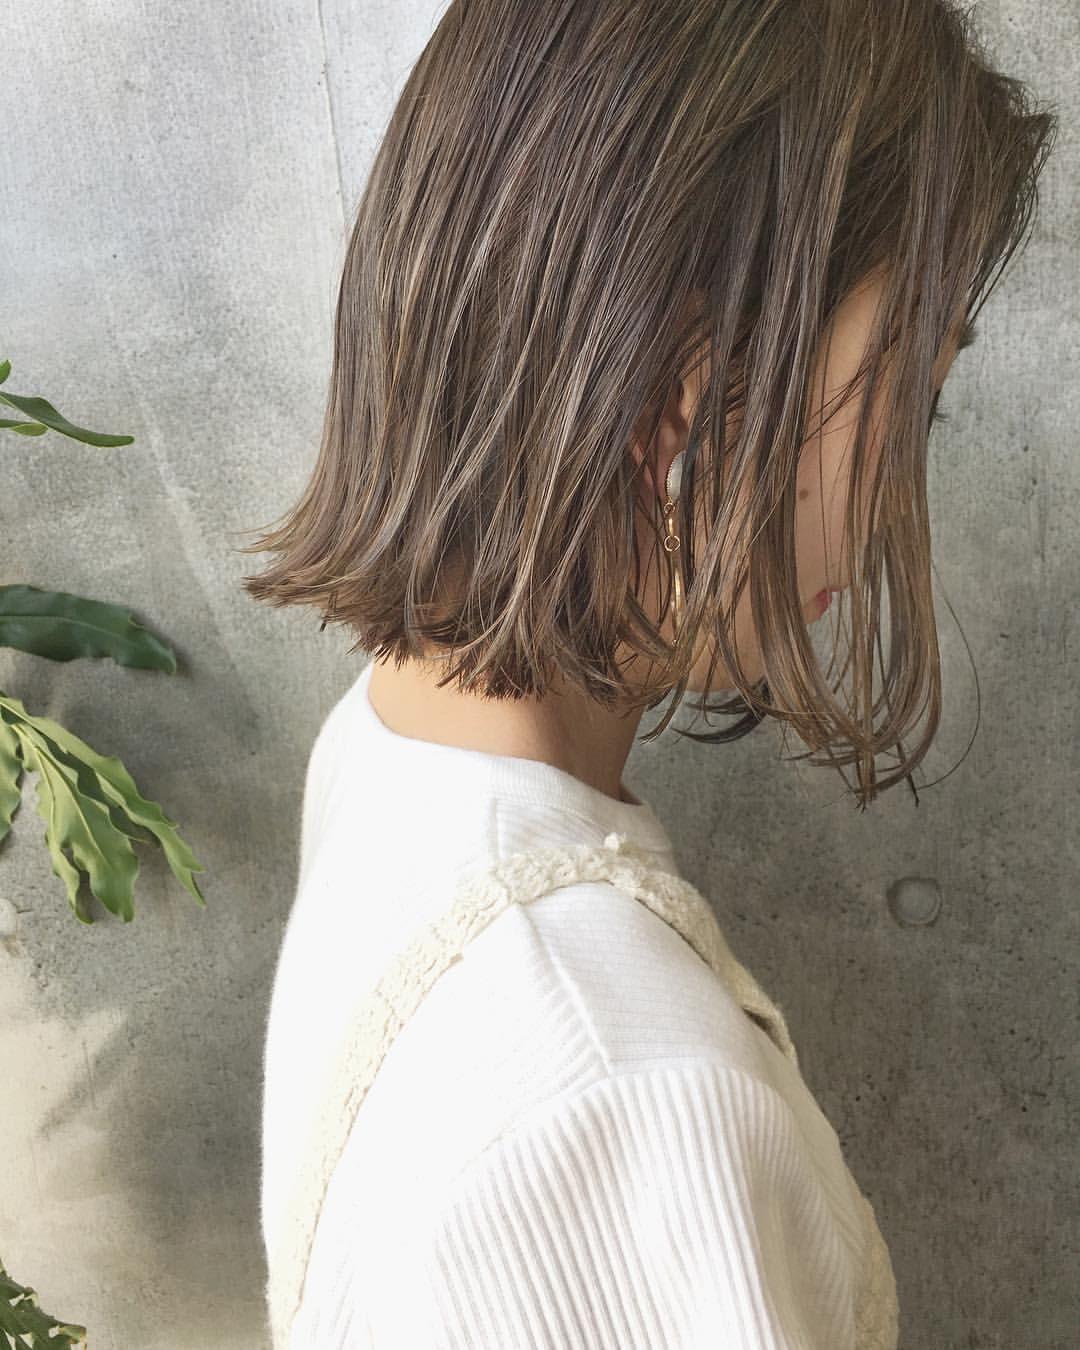 Takumi Takahashi ボブ ショートヘア さんはinstagramを利用しています Today S Guest 全頭ブリーチなし で細かーいハイライトでシアベージュに 夏っぽい柔らかい優しい色に ボブでも ヘアスタイリング 髪 色 ヘアスタイル